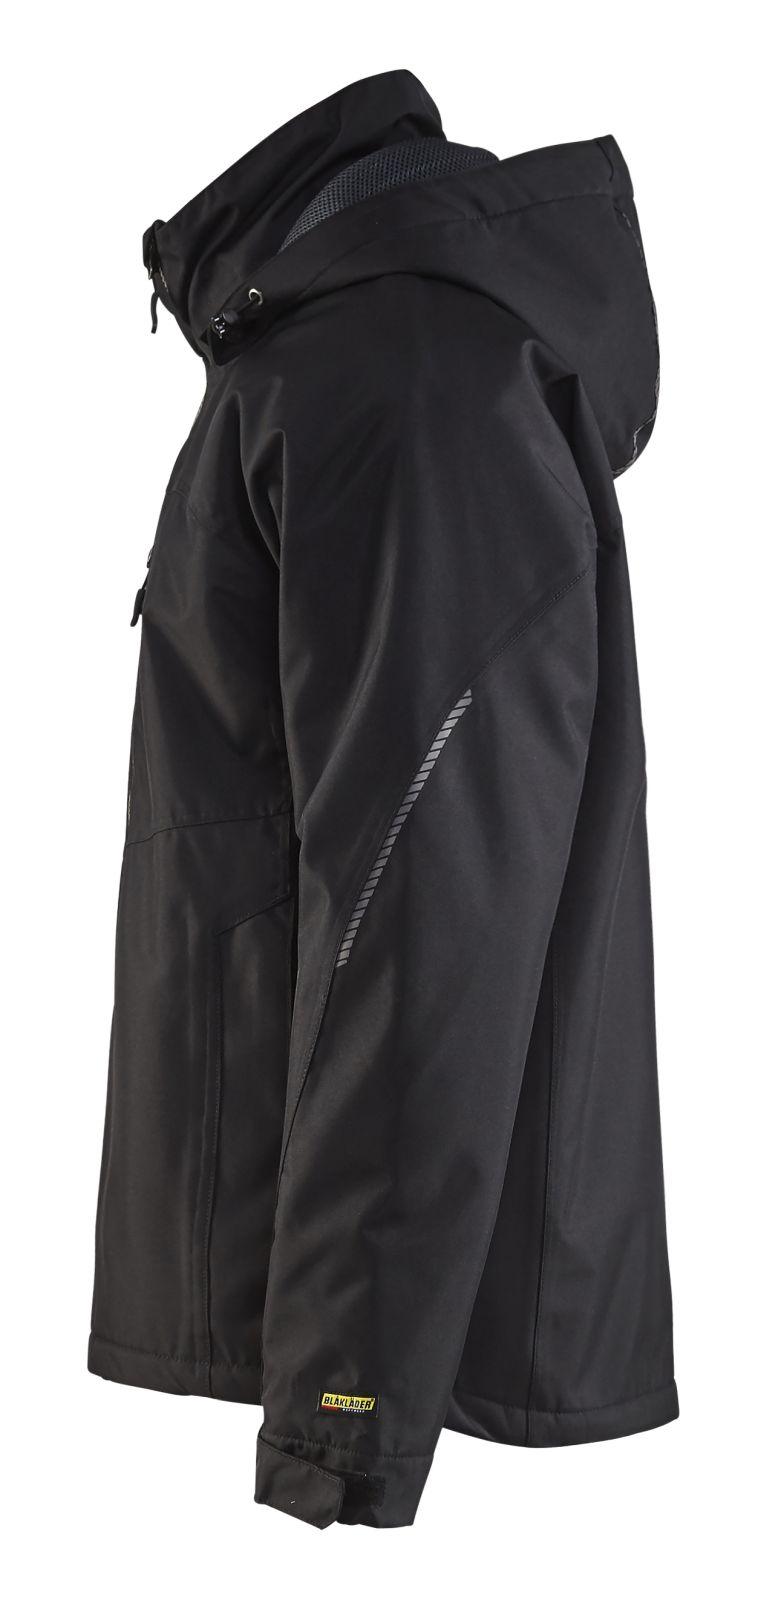 Blaklader Jassen 48901977 zwart(9900)